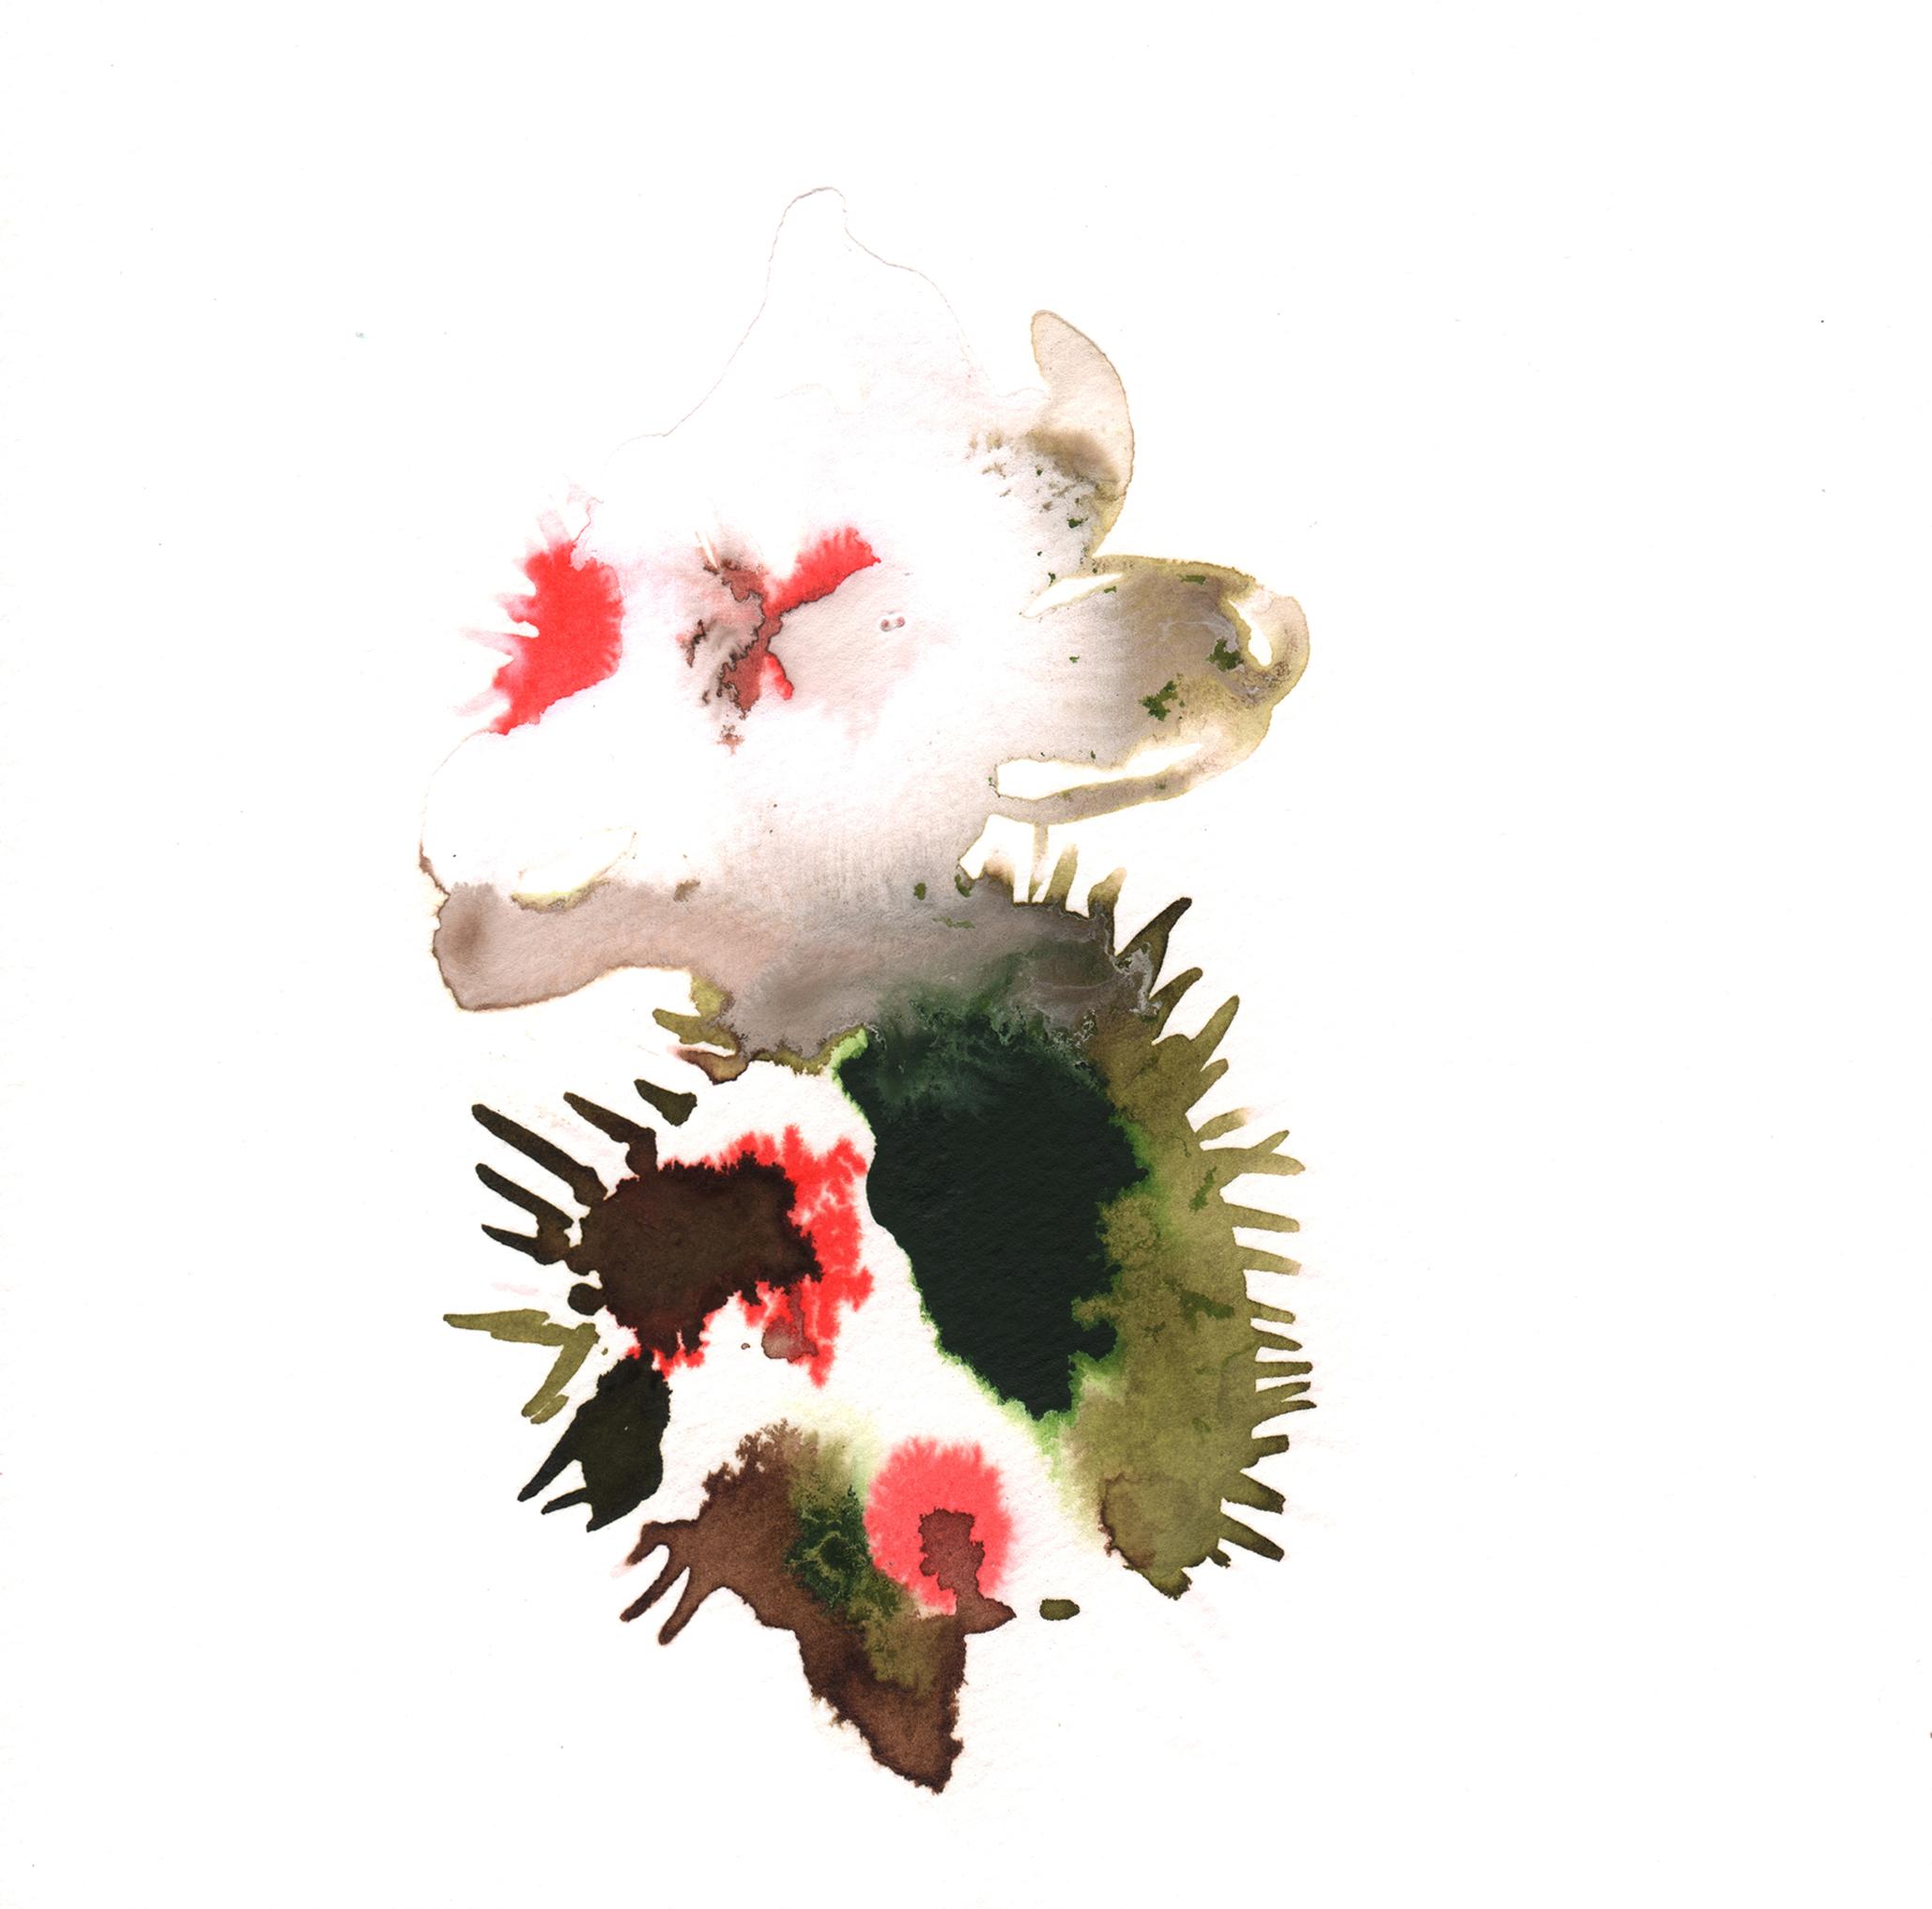 266.Echinopsis.Deserticola.11.1.14.jpg